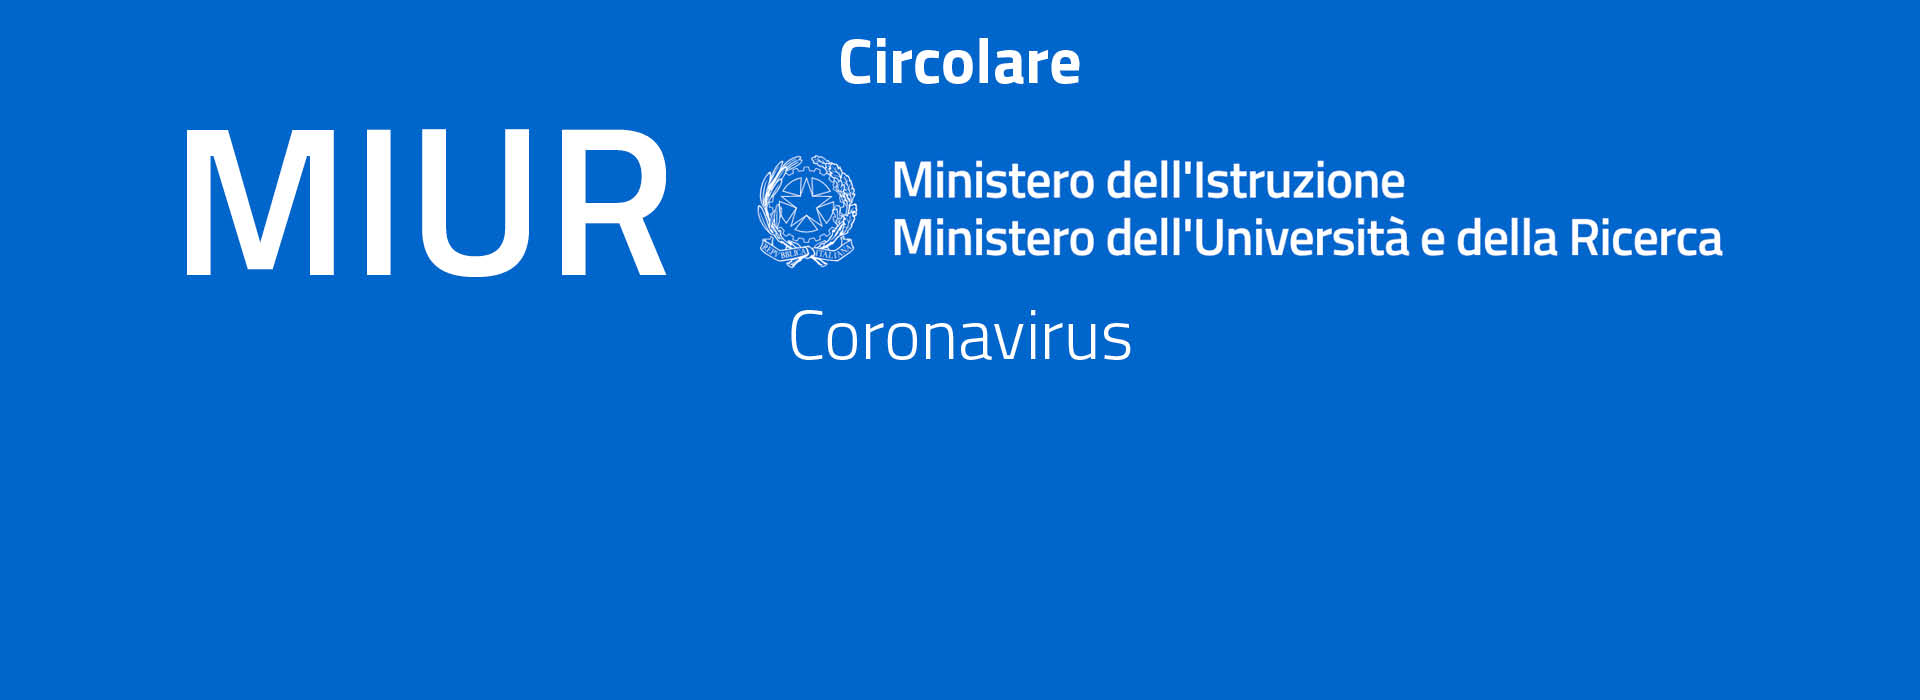 Circolare MIUR Coronavirus